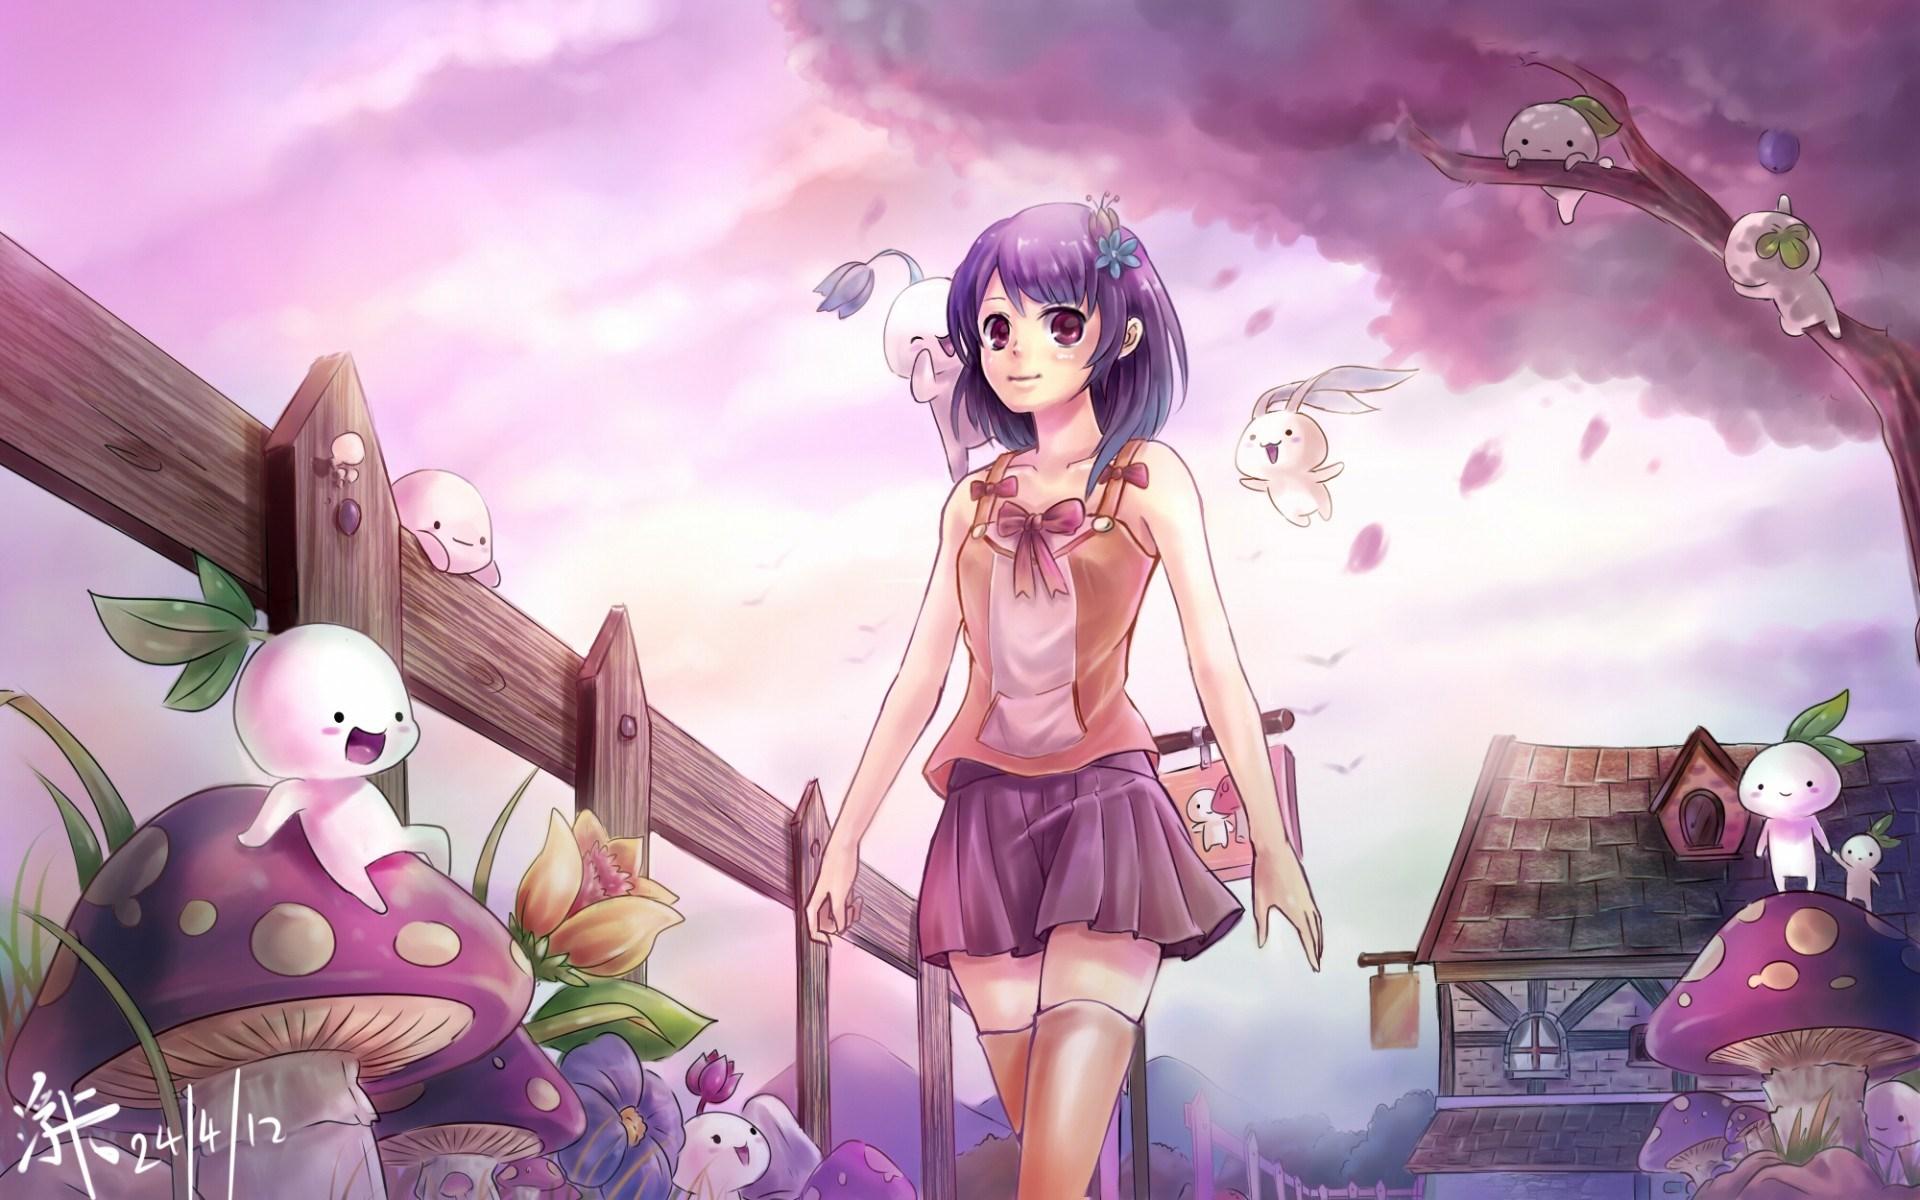 Cute Anime Wallpaper Images - WallpaperSafari